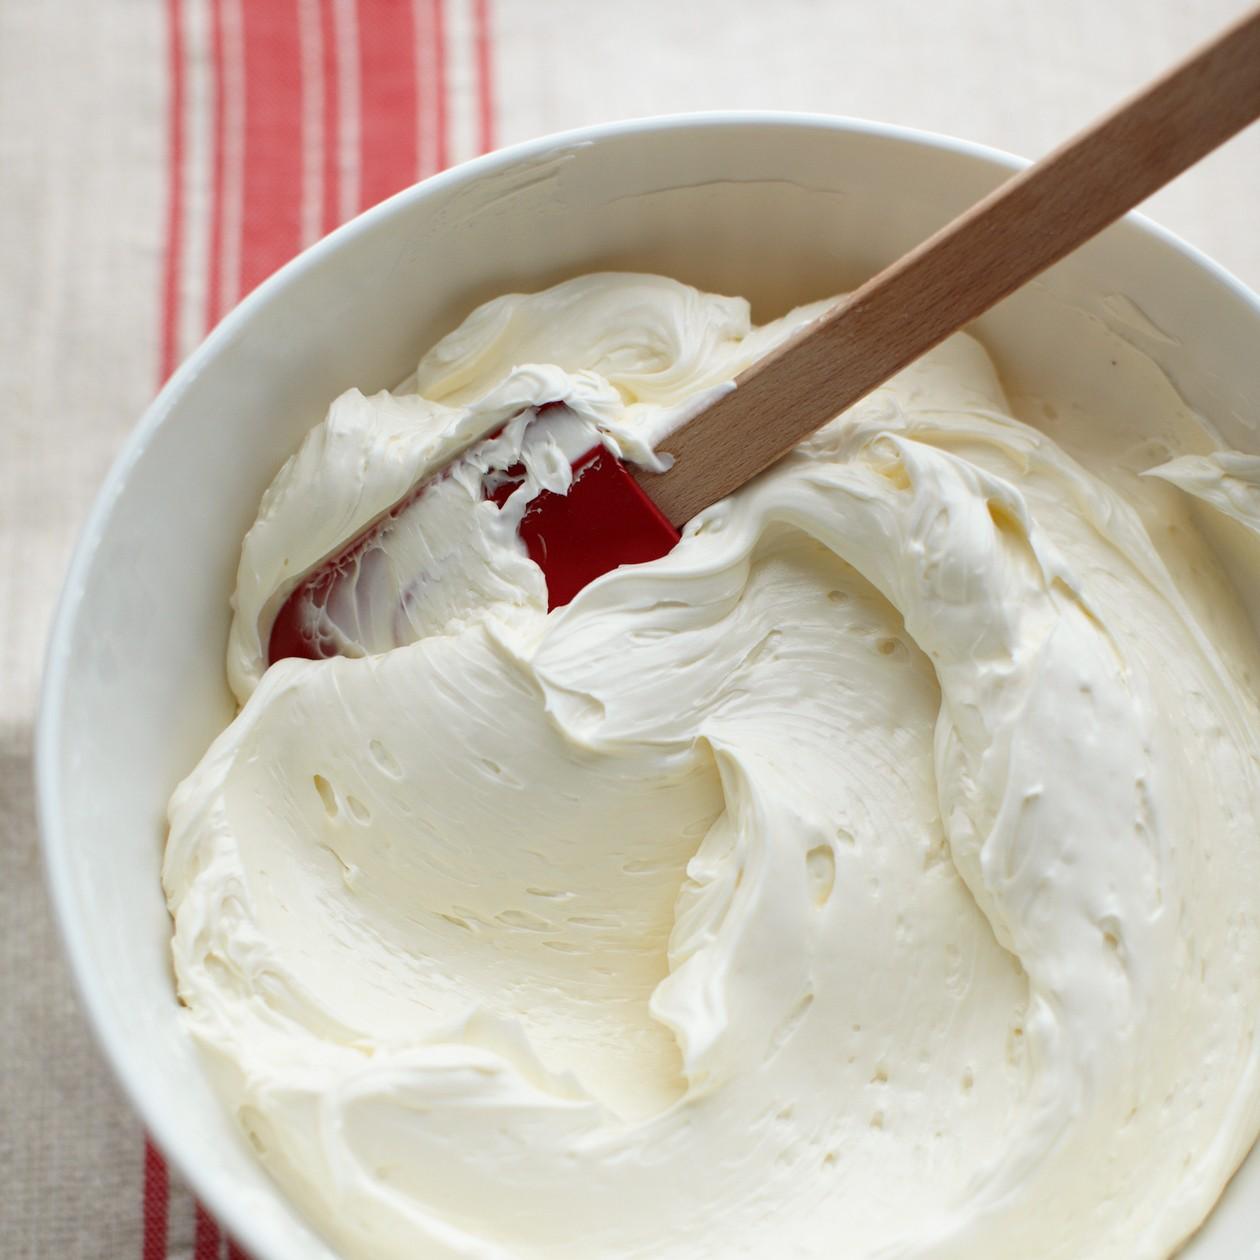 whipping cream 16 whipping cream Whipping cream – nguyên liệu cơ bản giúp bạn làm nhiều món tráng miệng cực ngon whipping cream 16